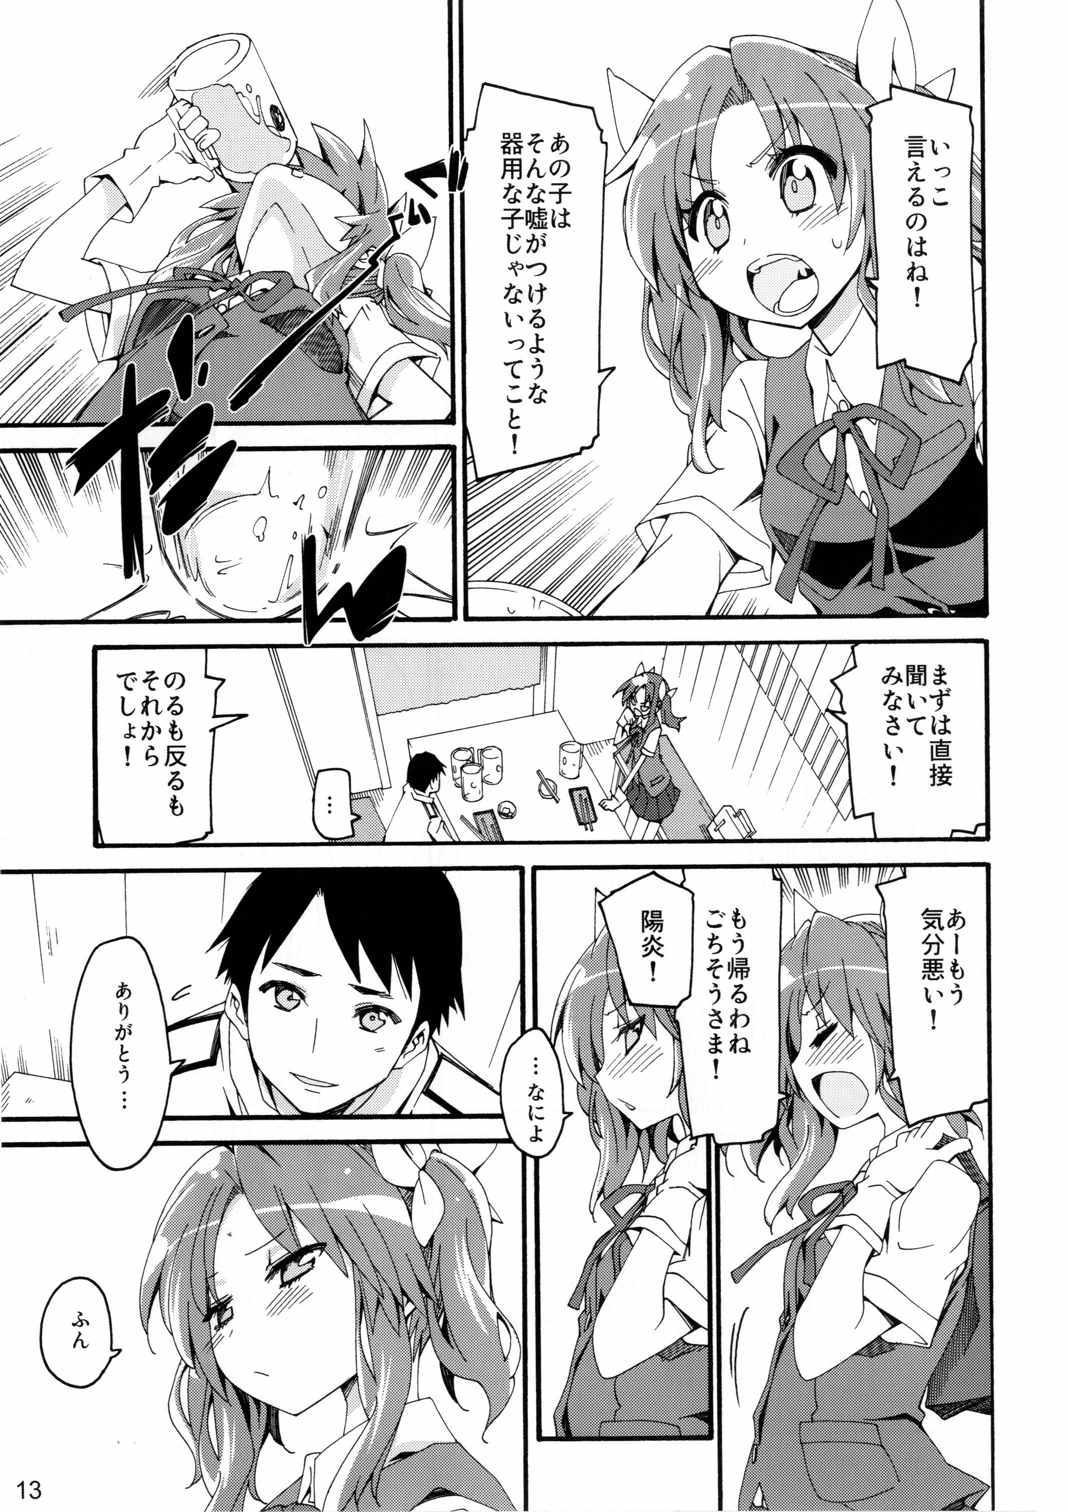 Shiranui wa Teitoku ni... 11